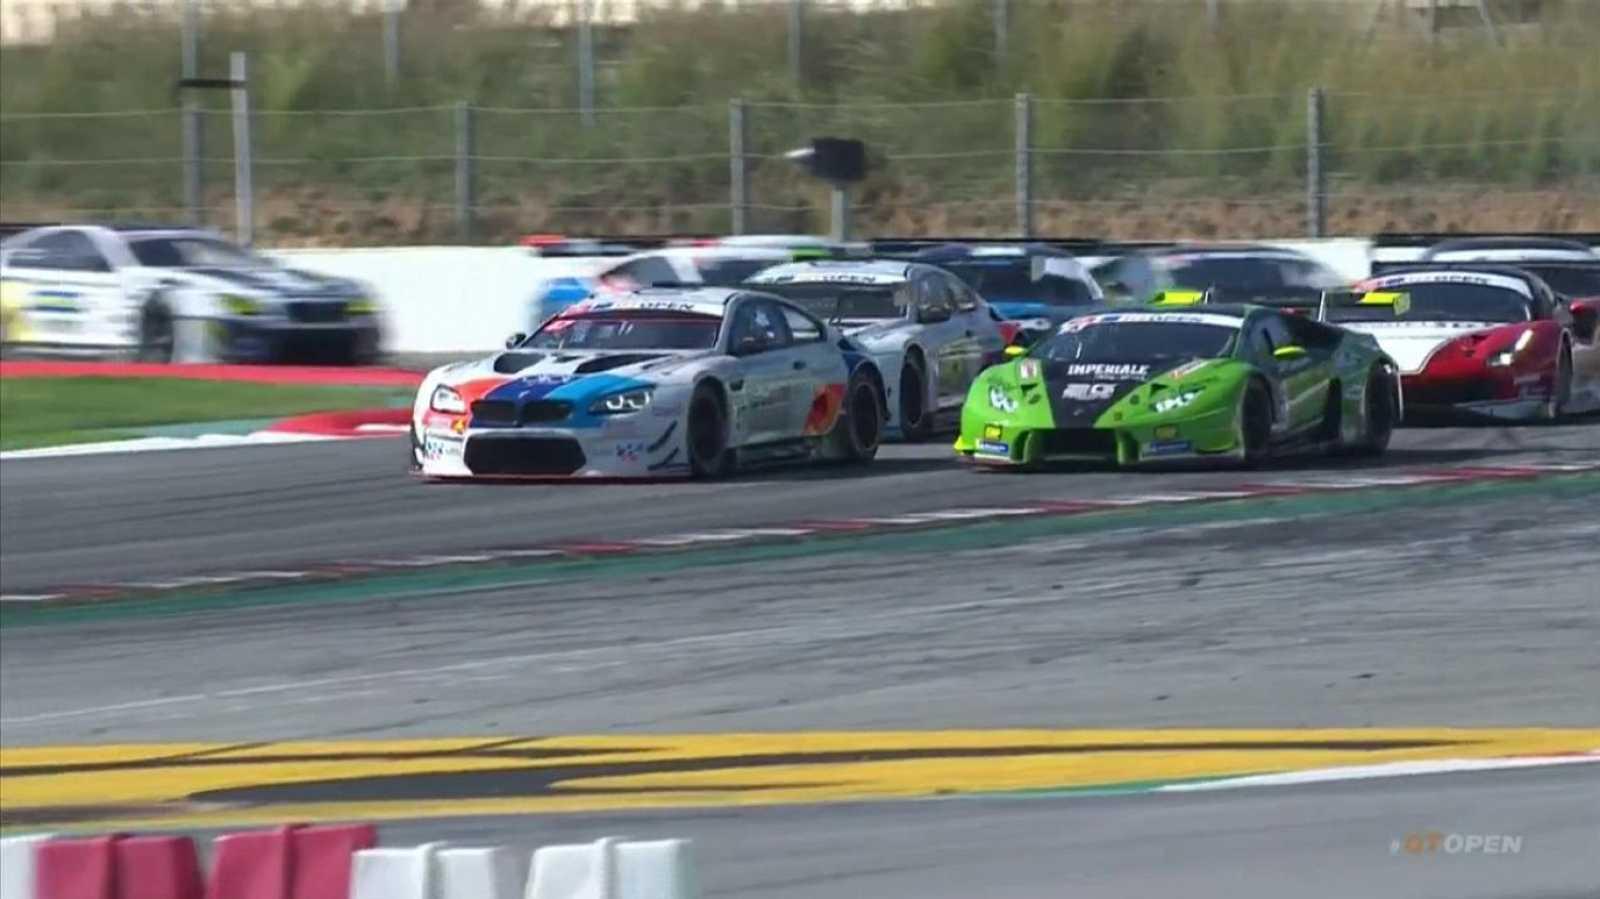 Circuito Montmelo : Automovilismo internacional gt open 2ª carrera desde circuito